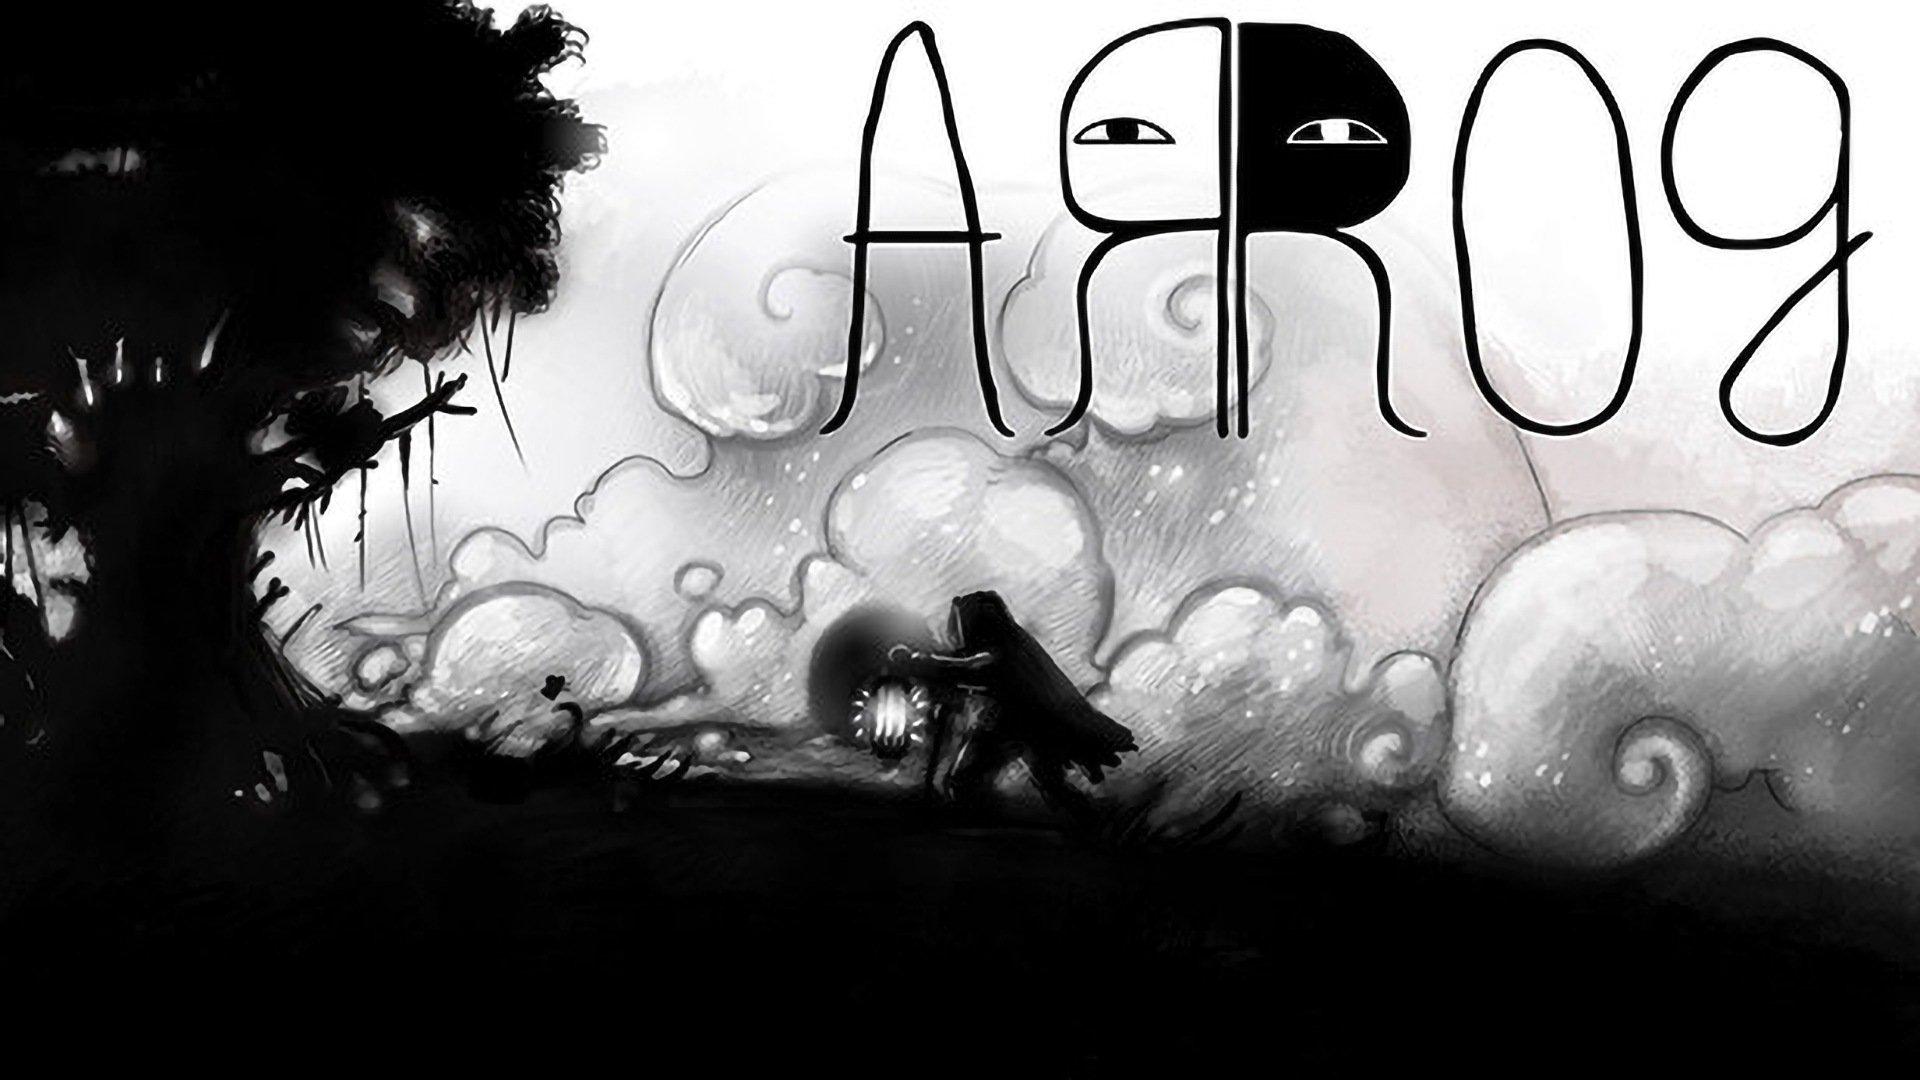 Arrog game